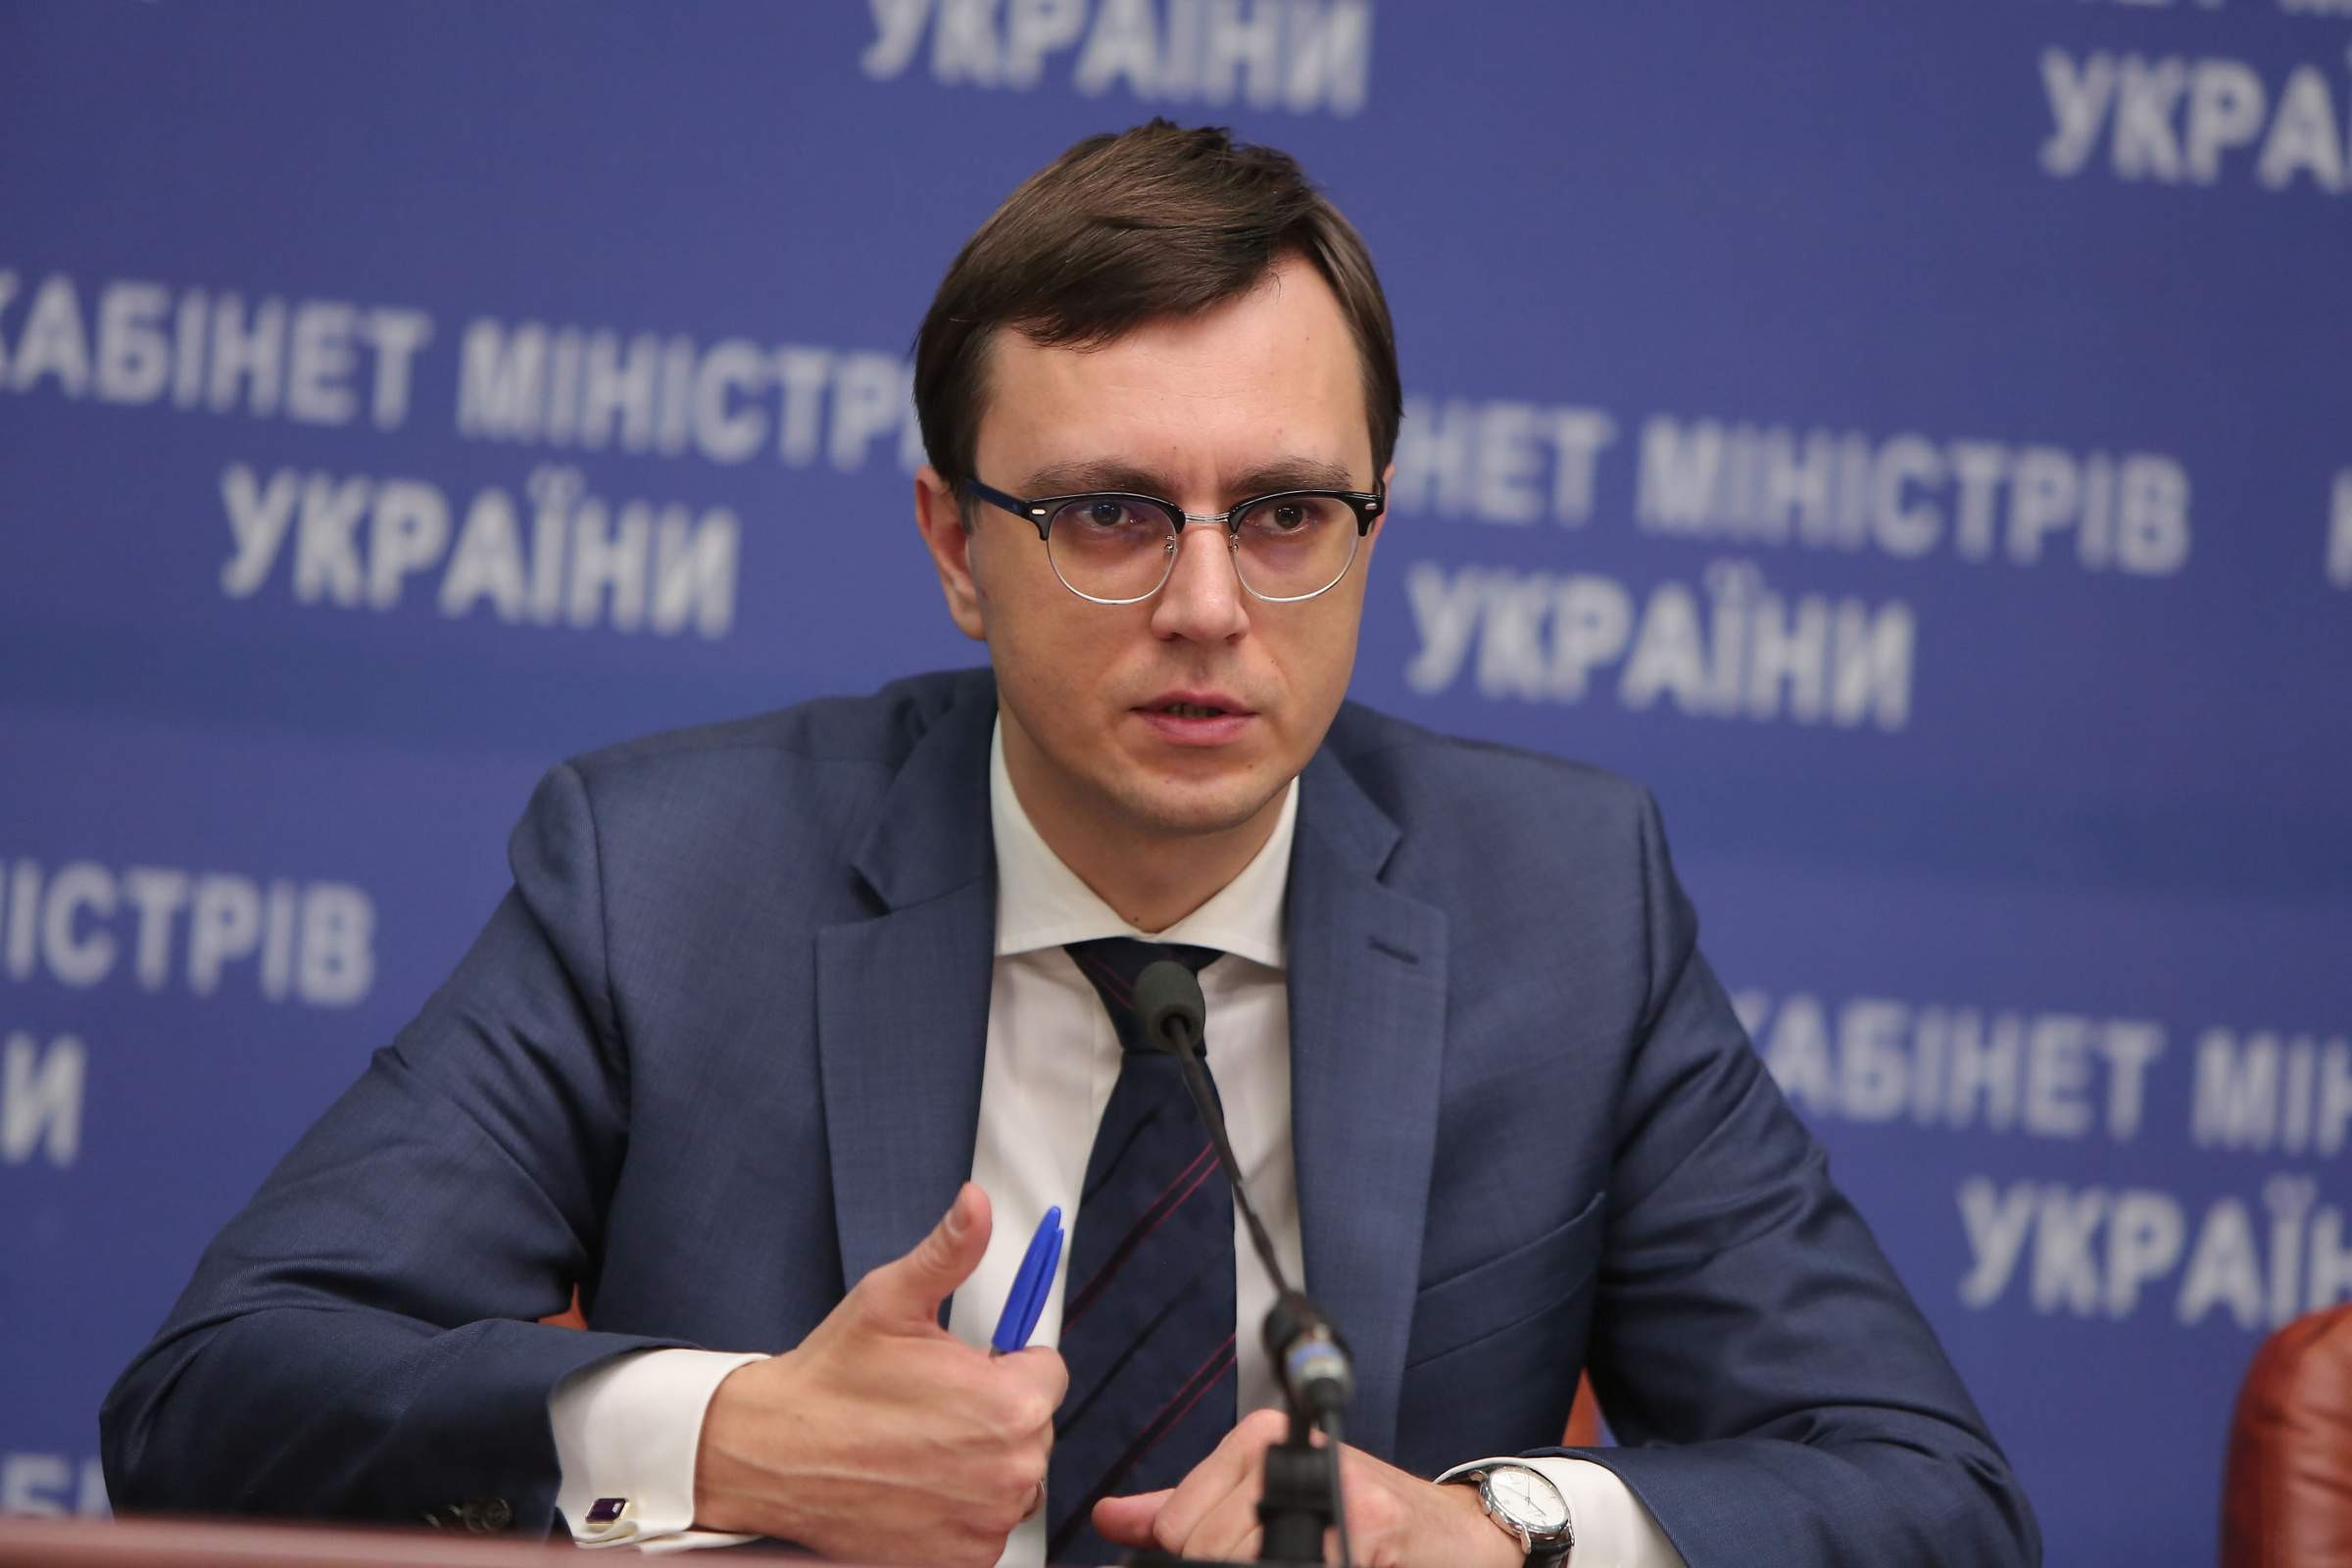 Личная просьба от Емельяна к Кабмину — уволить заместителя Кравцова